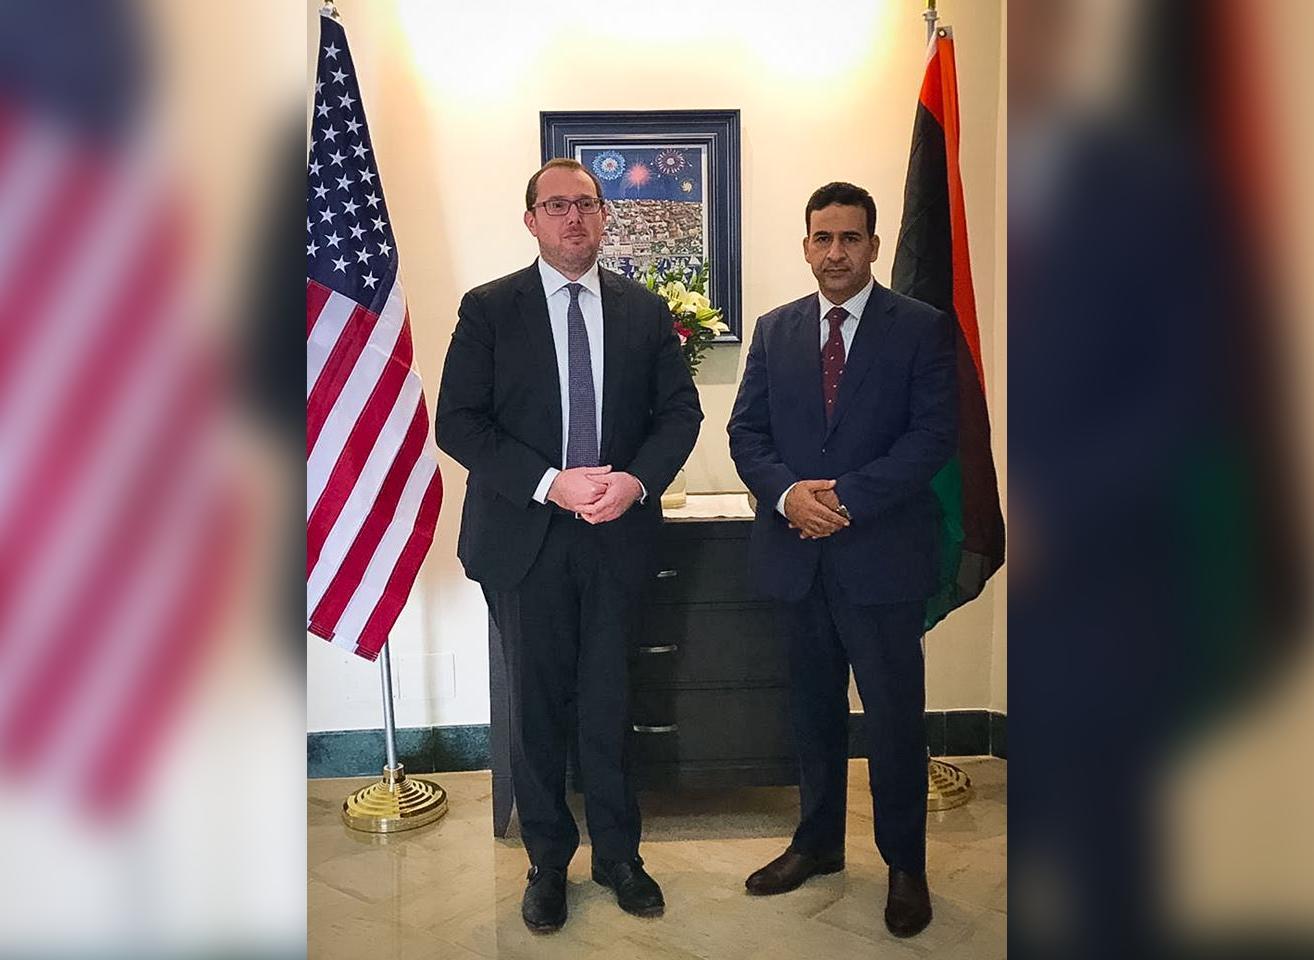 النائب الأول لرئيس مجلس النواب فوزي النويري - القائم بأعمال السفارة الأمريكية لدى ليبيا بالنيابة هاريس